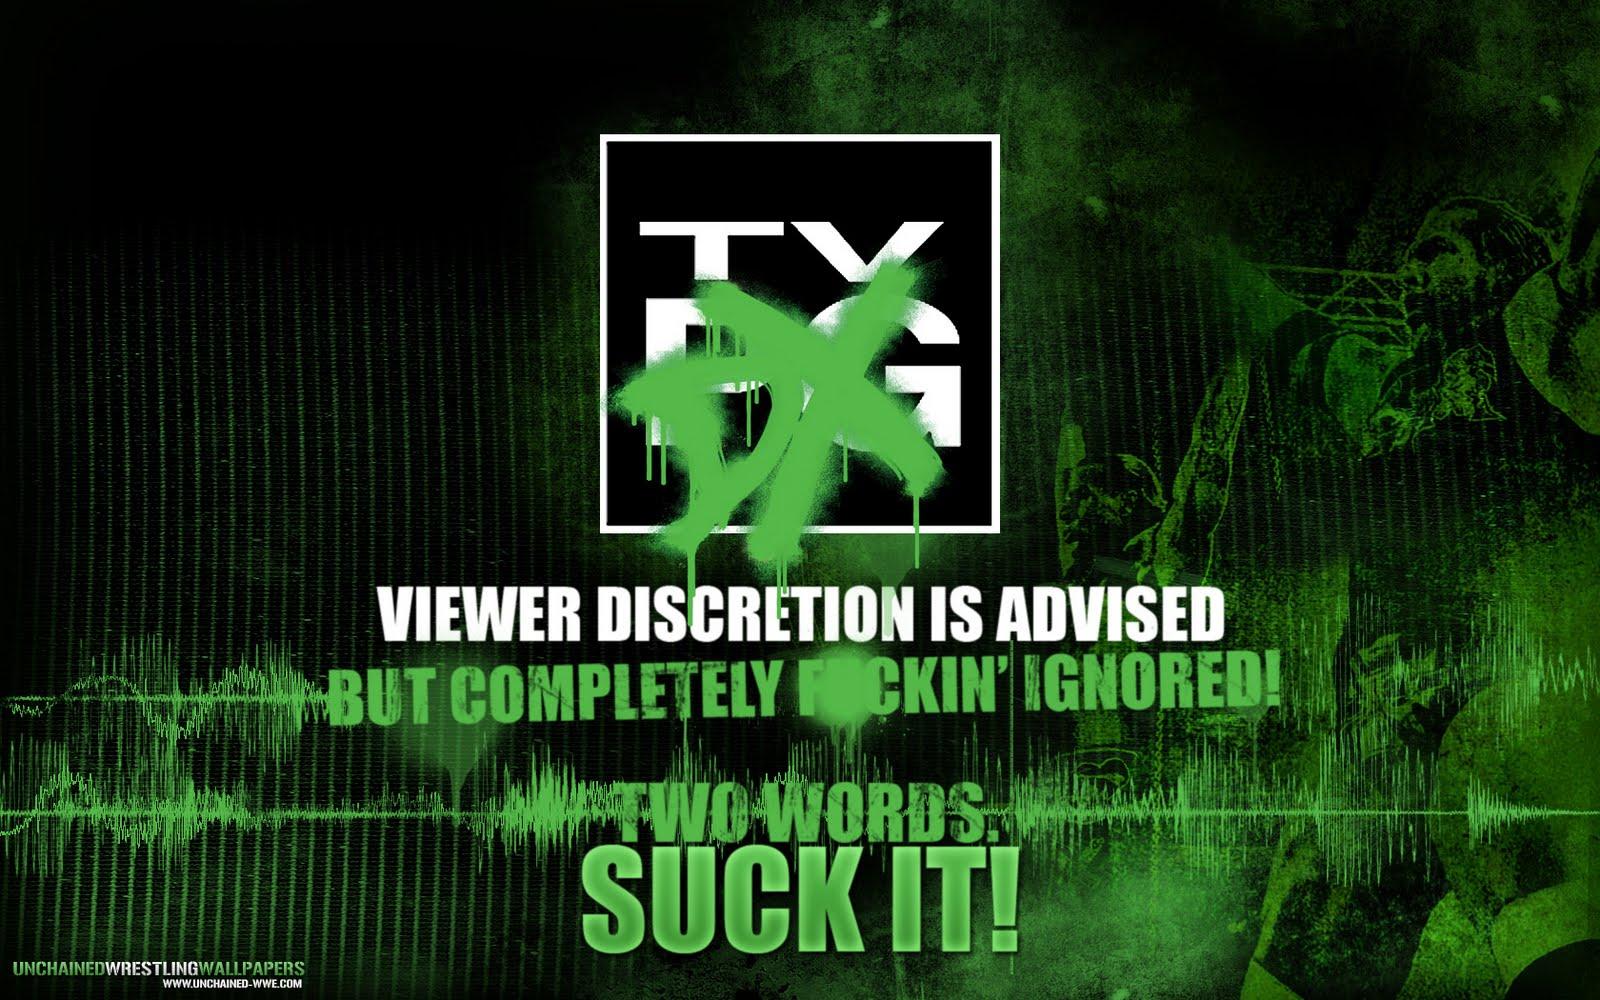 http://2.bp.blogspot.com/-VT4b3xMn4qI/Ti6eeqpYJ7I/AAAAAAAAGd8/psS-9cxs038/s1600/degenerationx_tvdx_widescreen.jpg